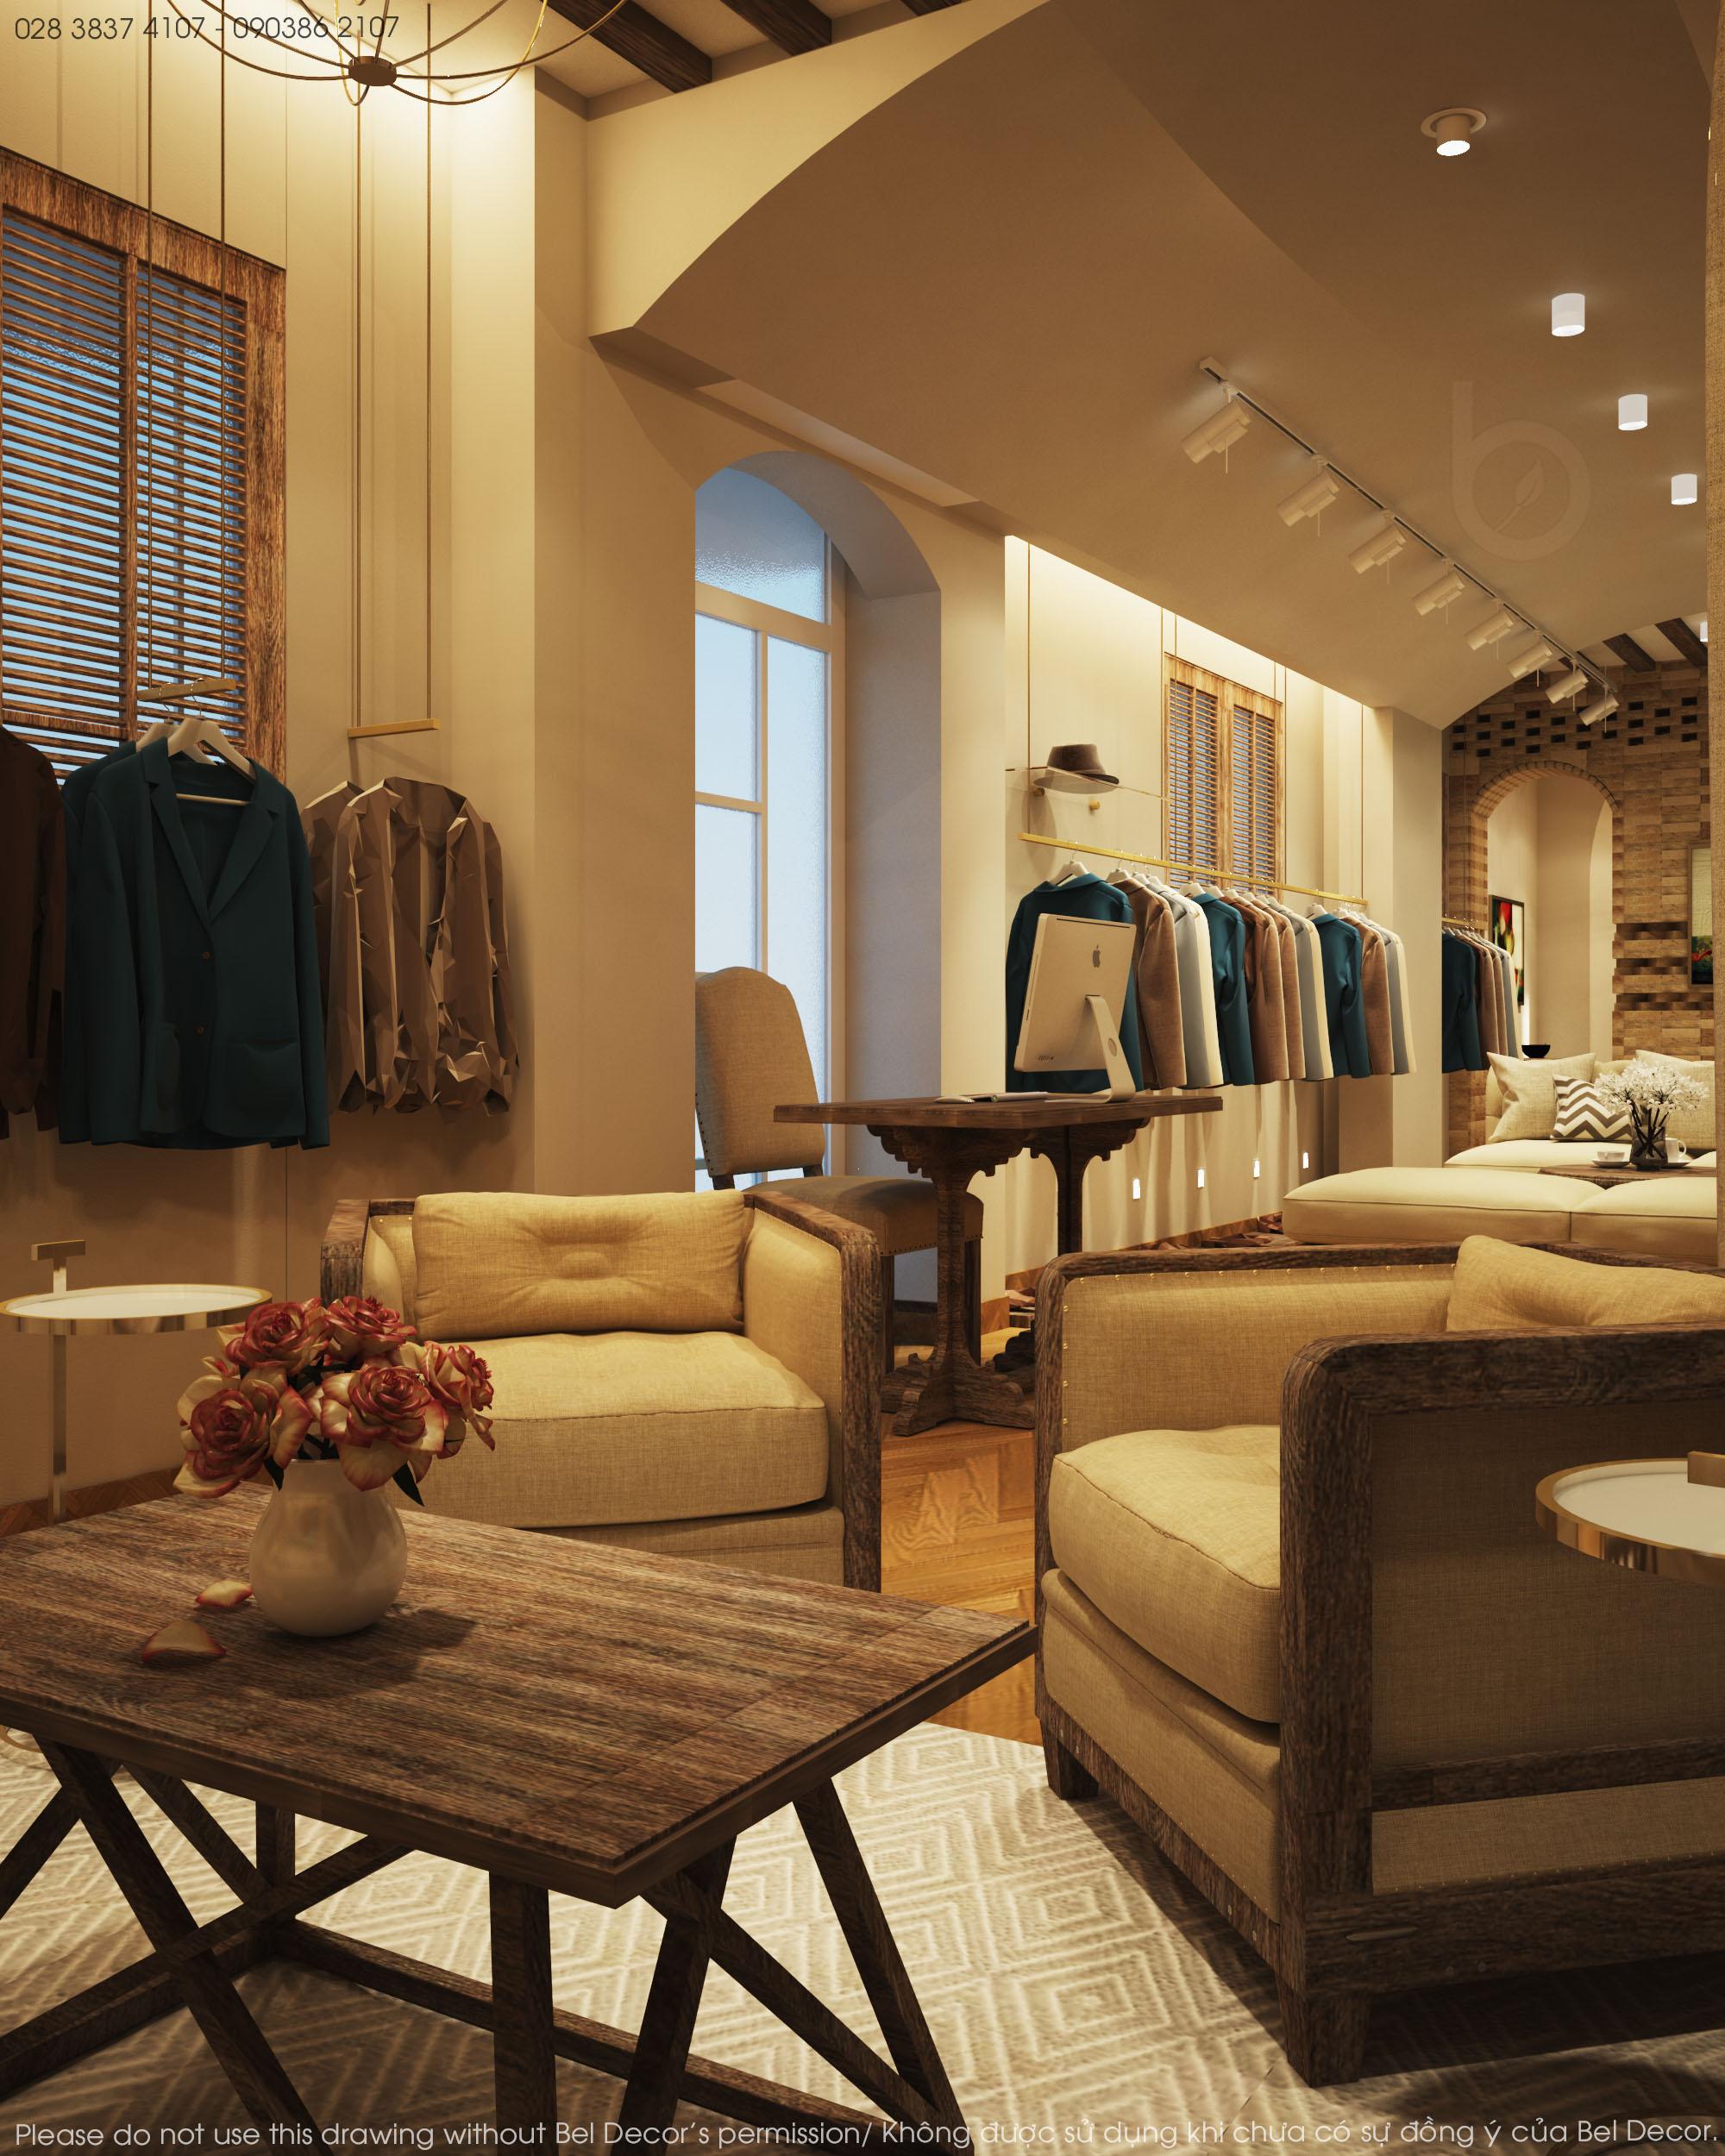 thiết kế nội thất Shop tại Hồ Chí Minh Thiết kế nội - ngoại thất Fashion Shop Antonio 2 1537428718